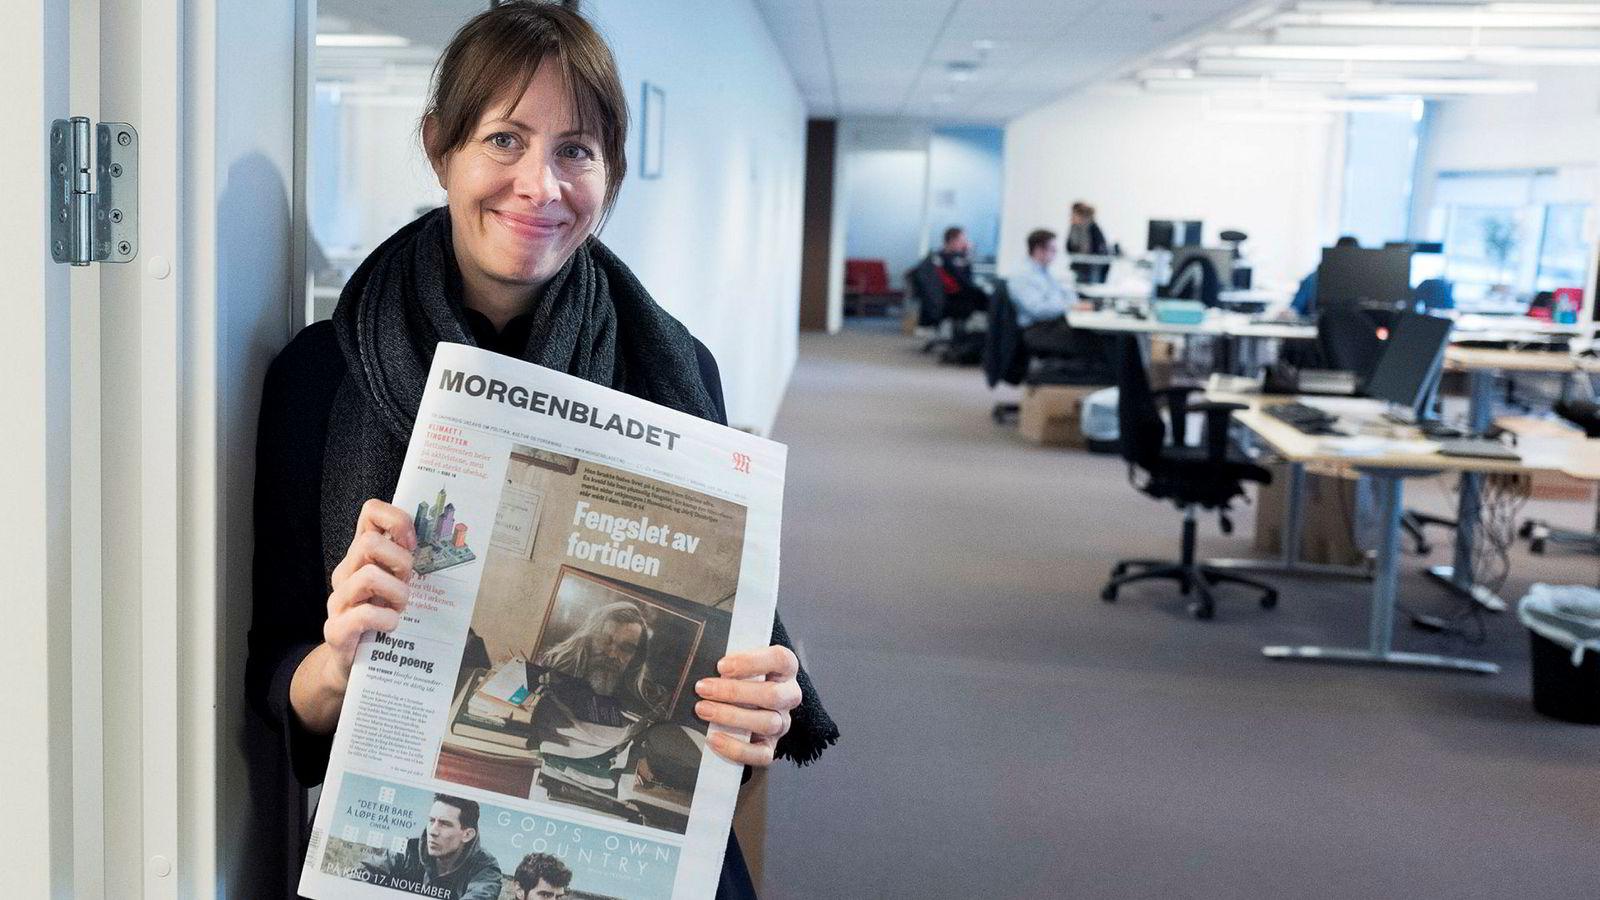 Ansvarlig redaktør Anna B. Jenssen i Morgenbladet sliter med indre stridigheter.